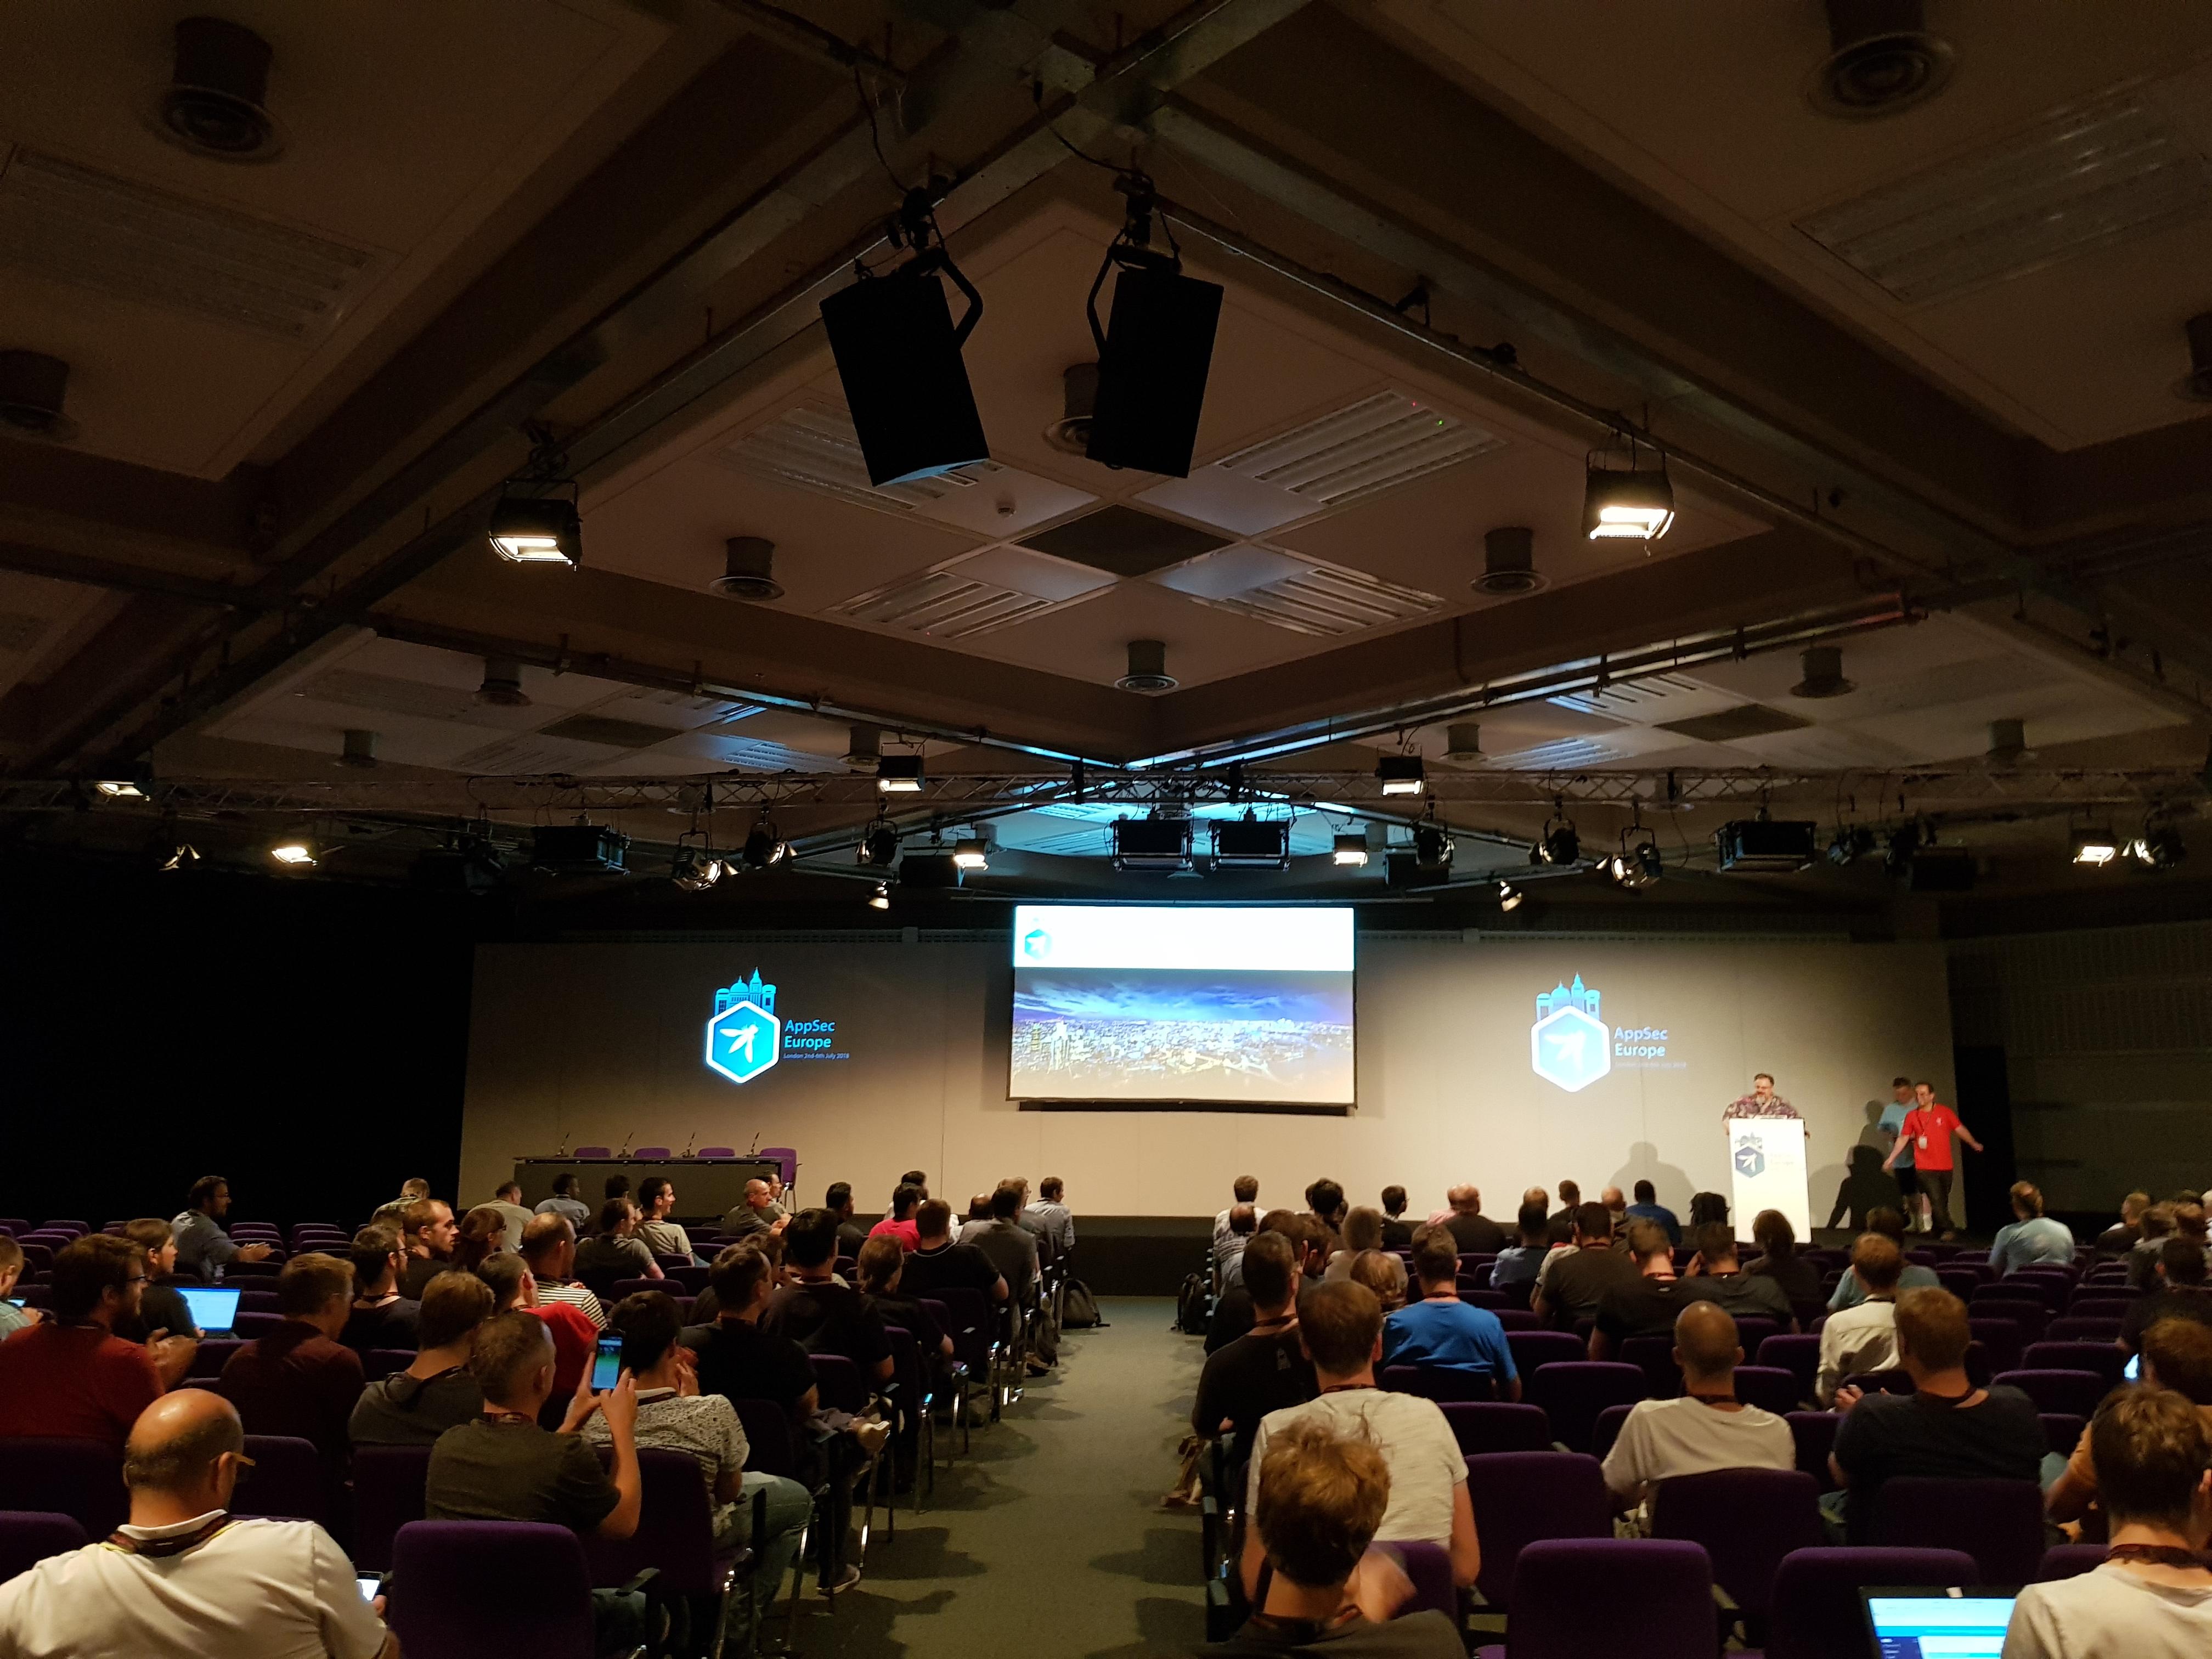 Isosec attend the OWASP AppSec EU 2018 conference   Isosec Ltd